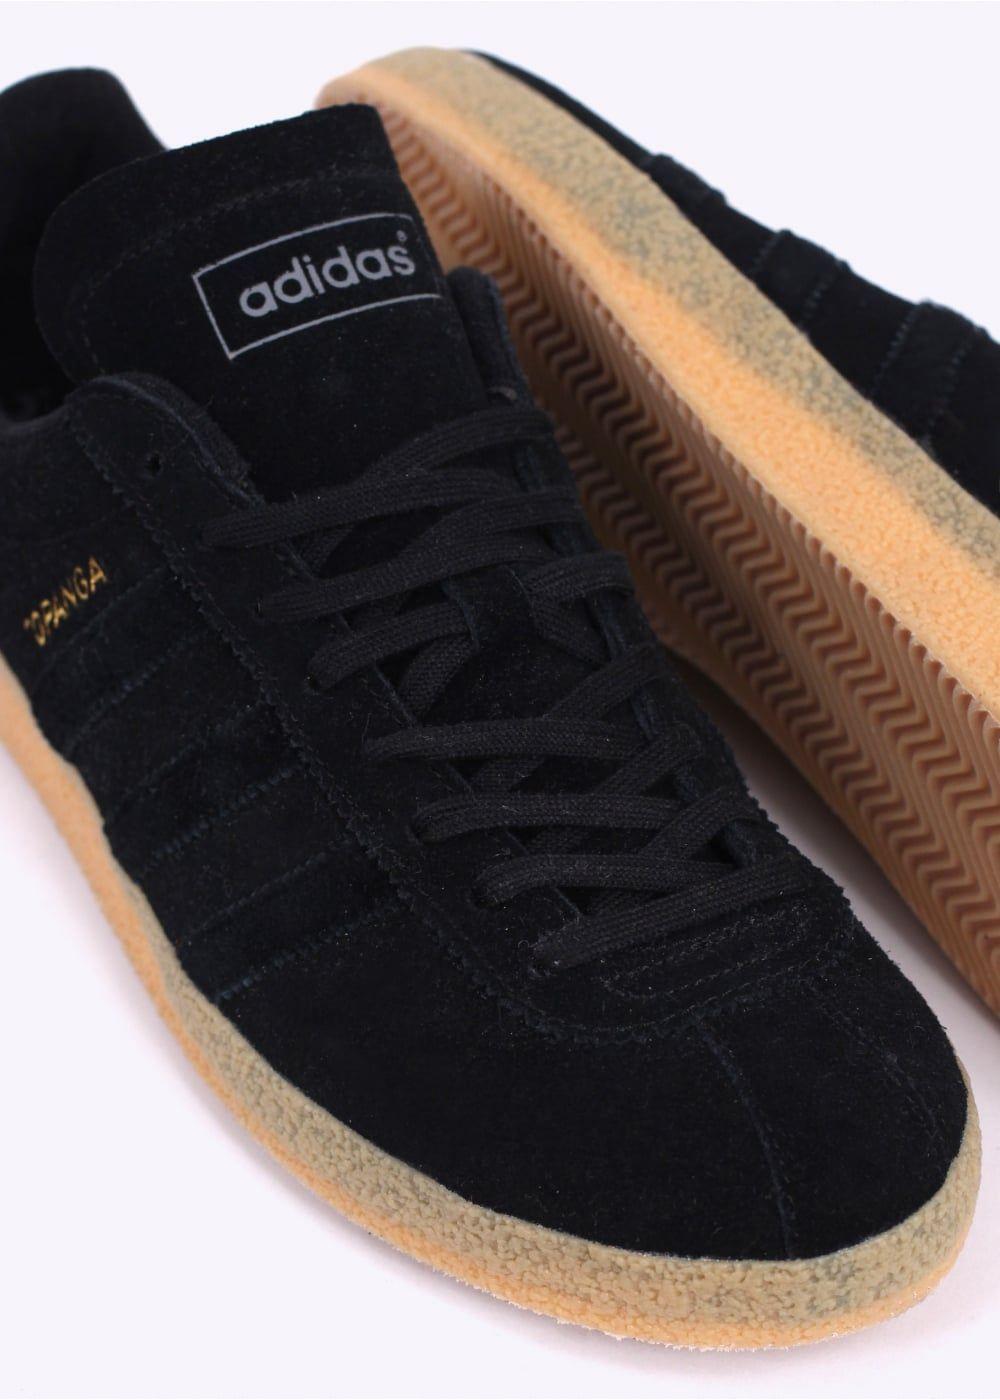 adidas originals footwear